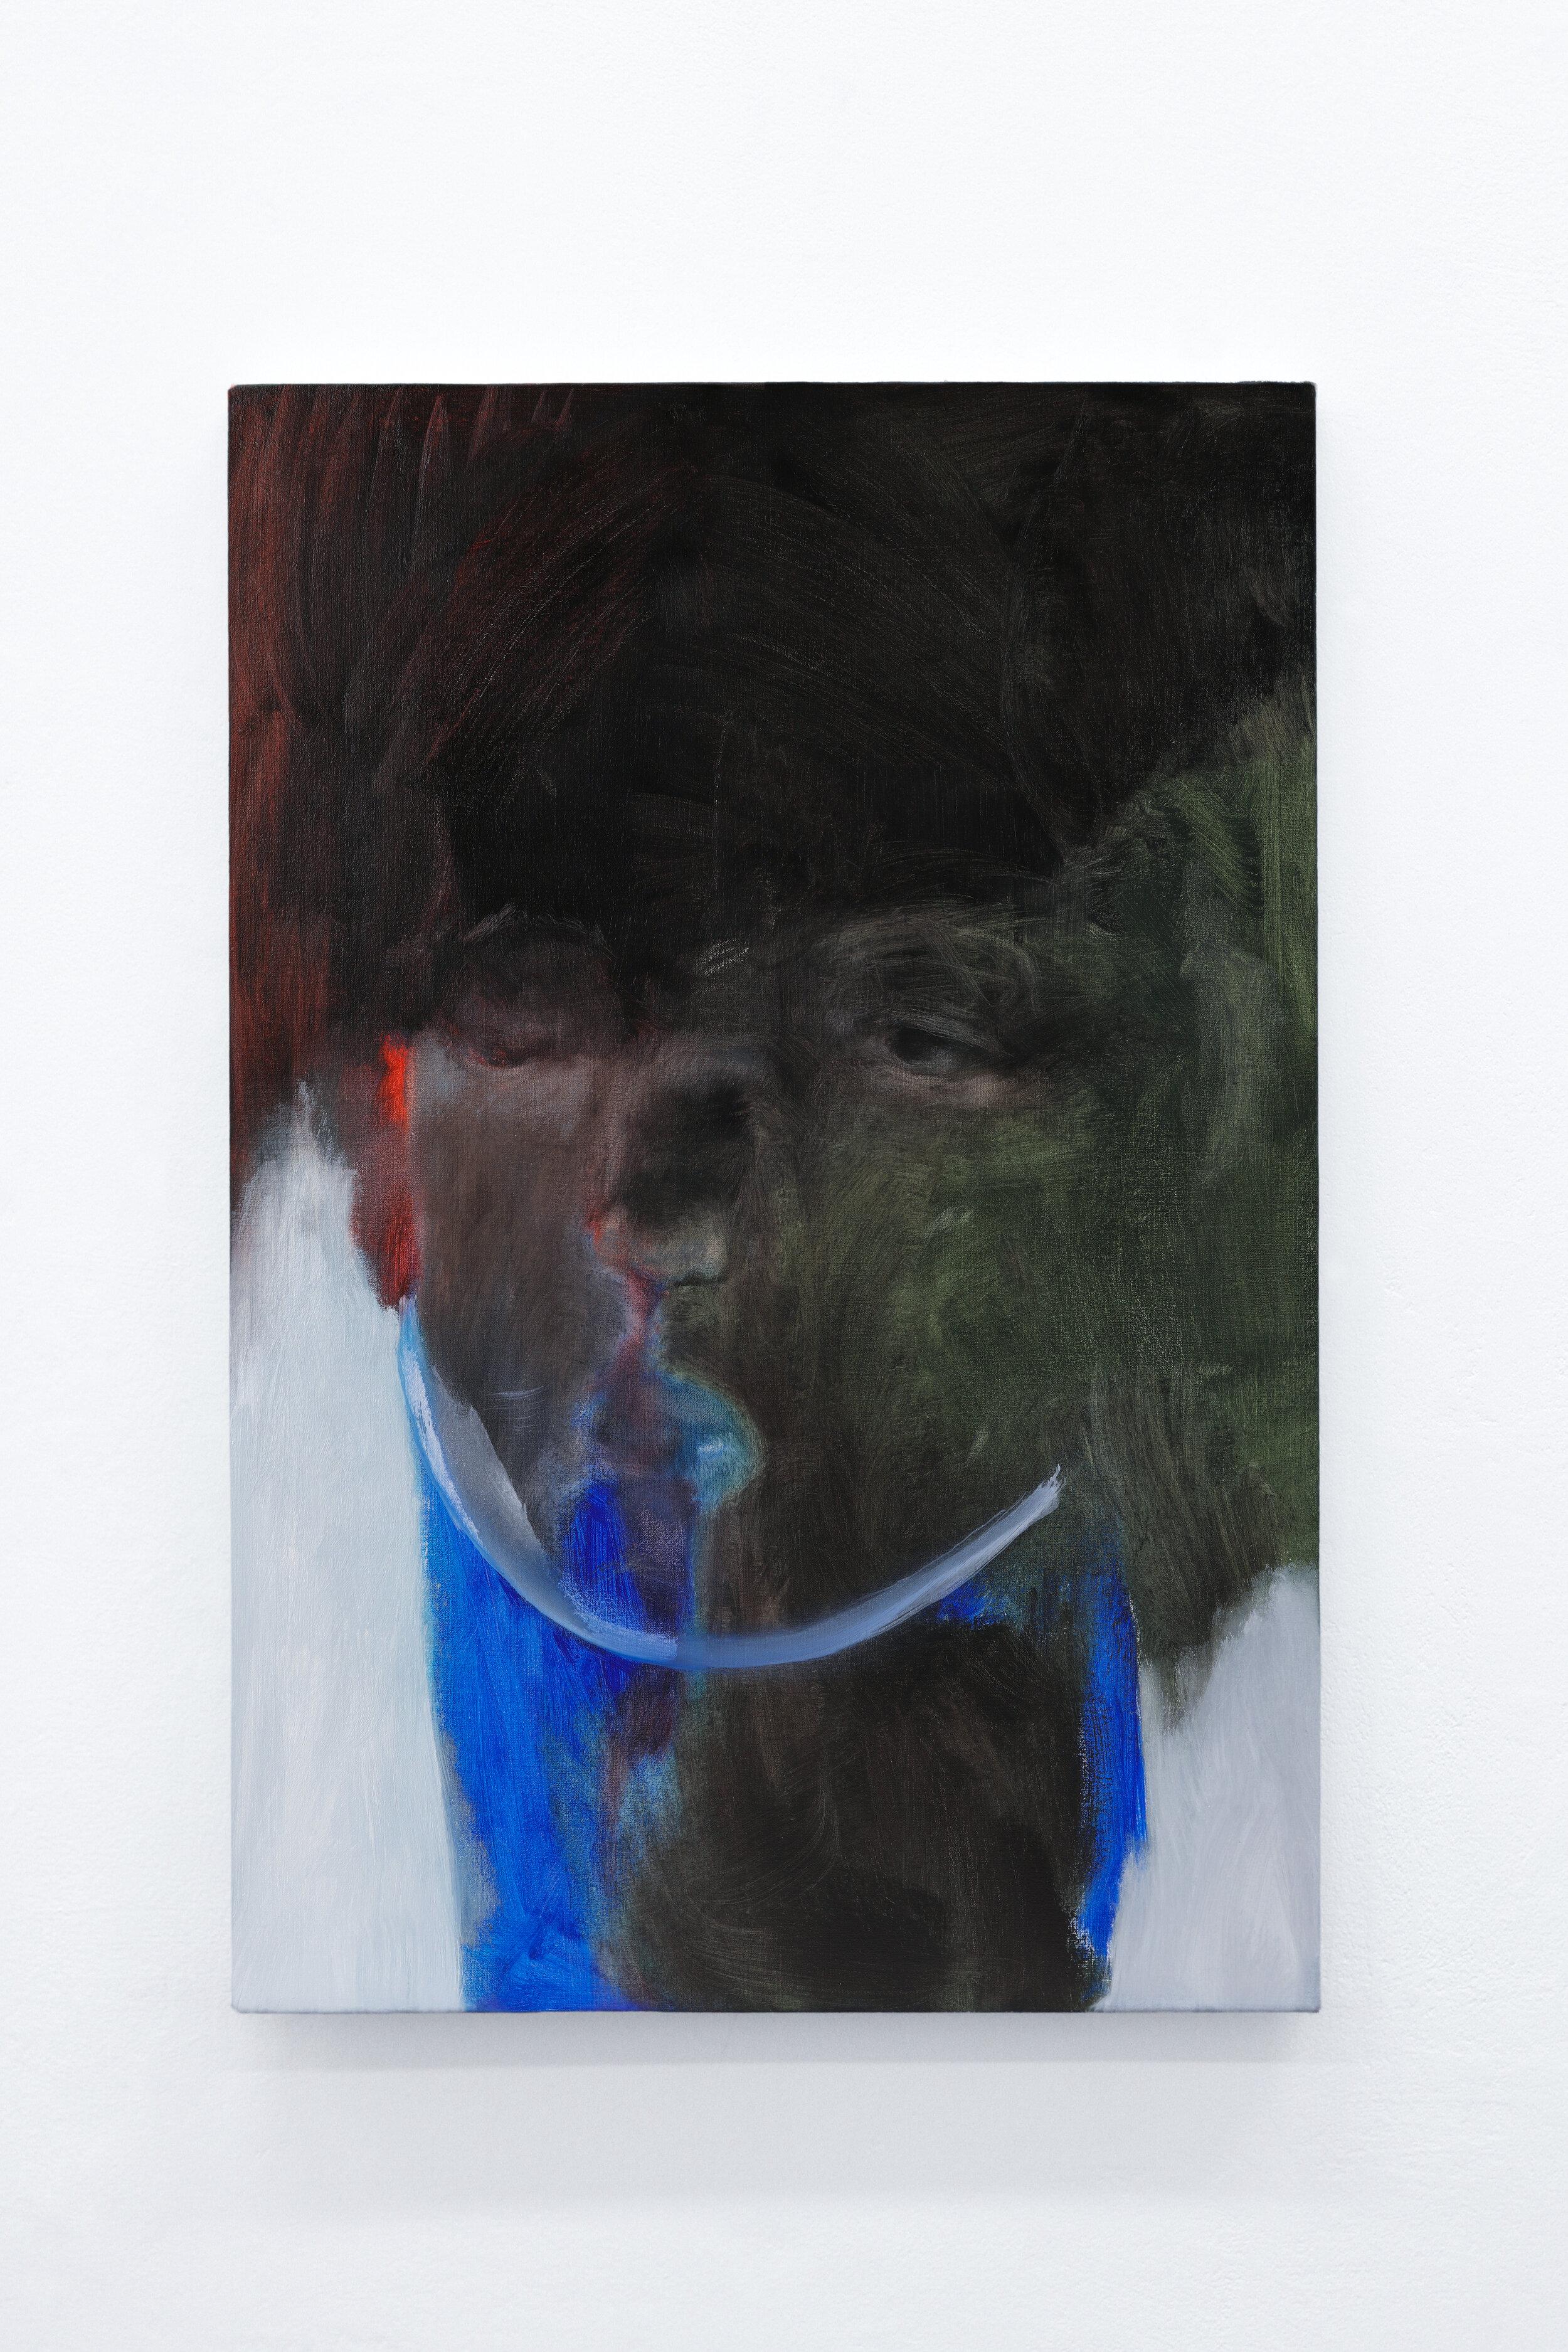 S. Derviz, Untitled, oil on linen, 60 x 40cm, 2018 (1.1) .jpg